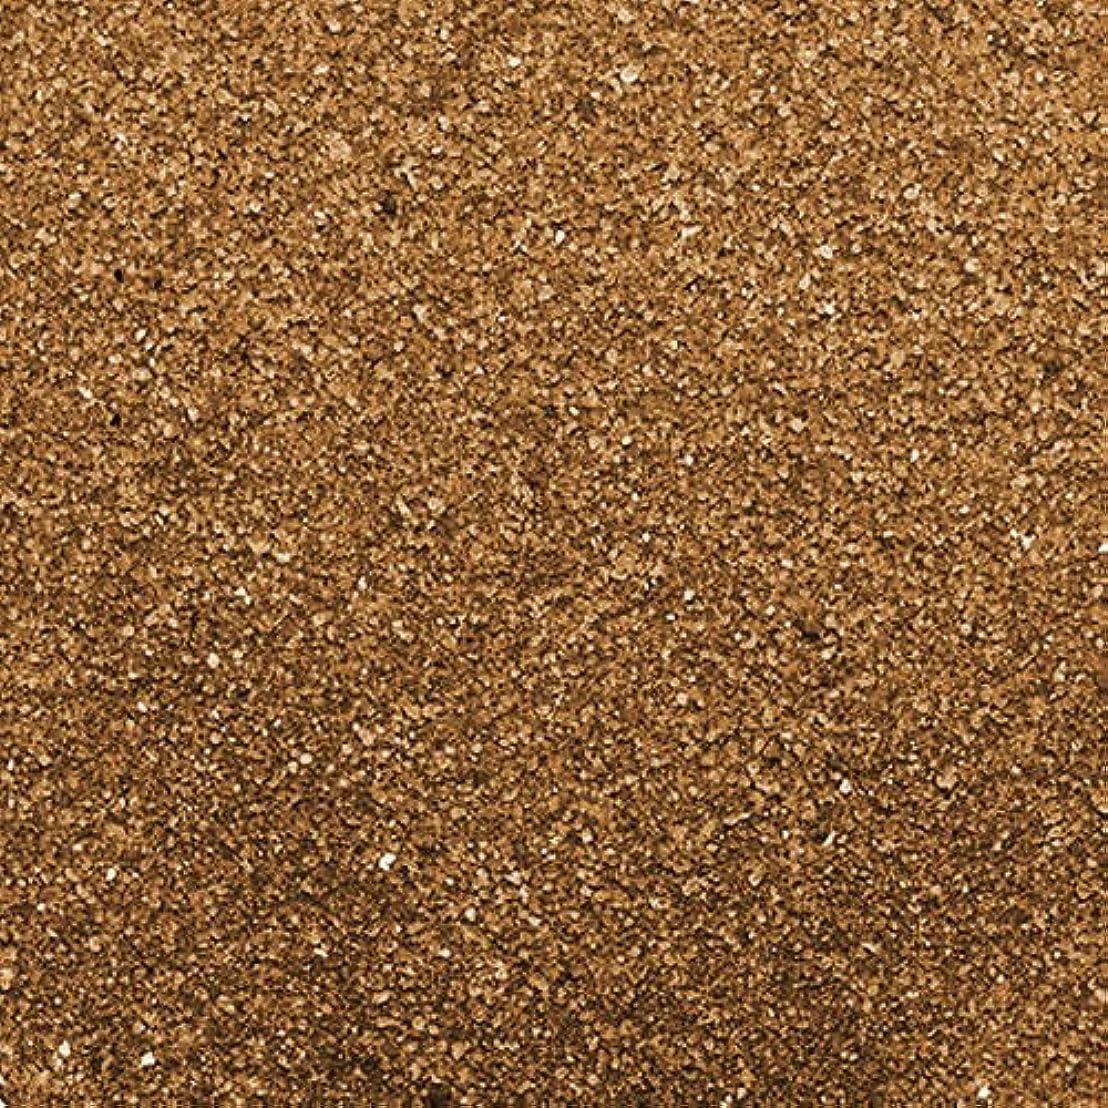 アクティブアラバマ慢性的16ozブラウンバルクカラー樹脂Incense Burner熱吸収/ Decorating Sandアート